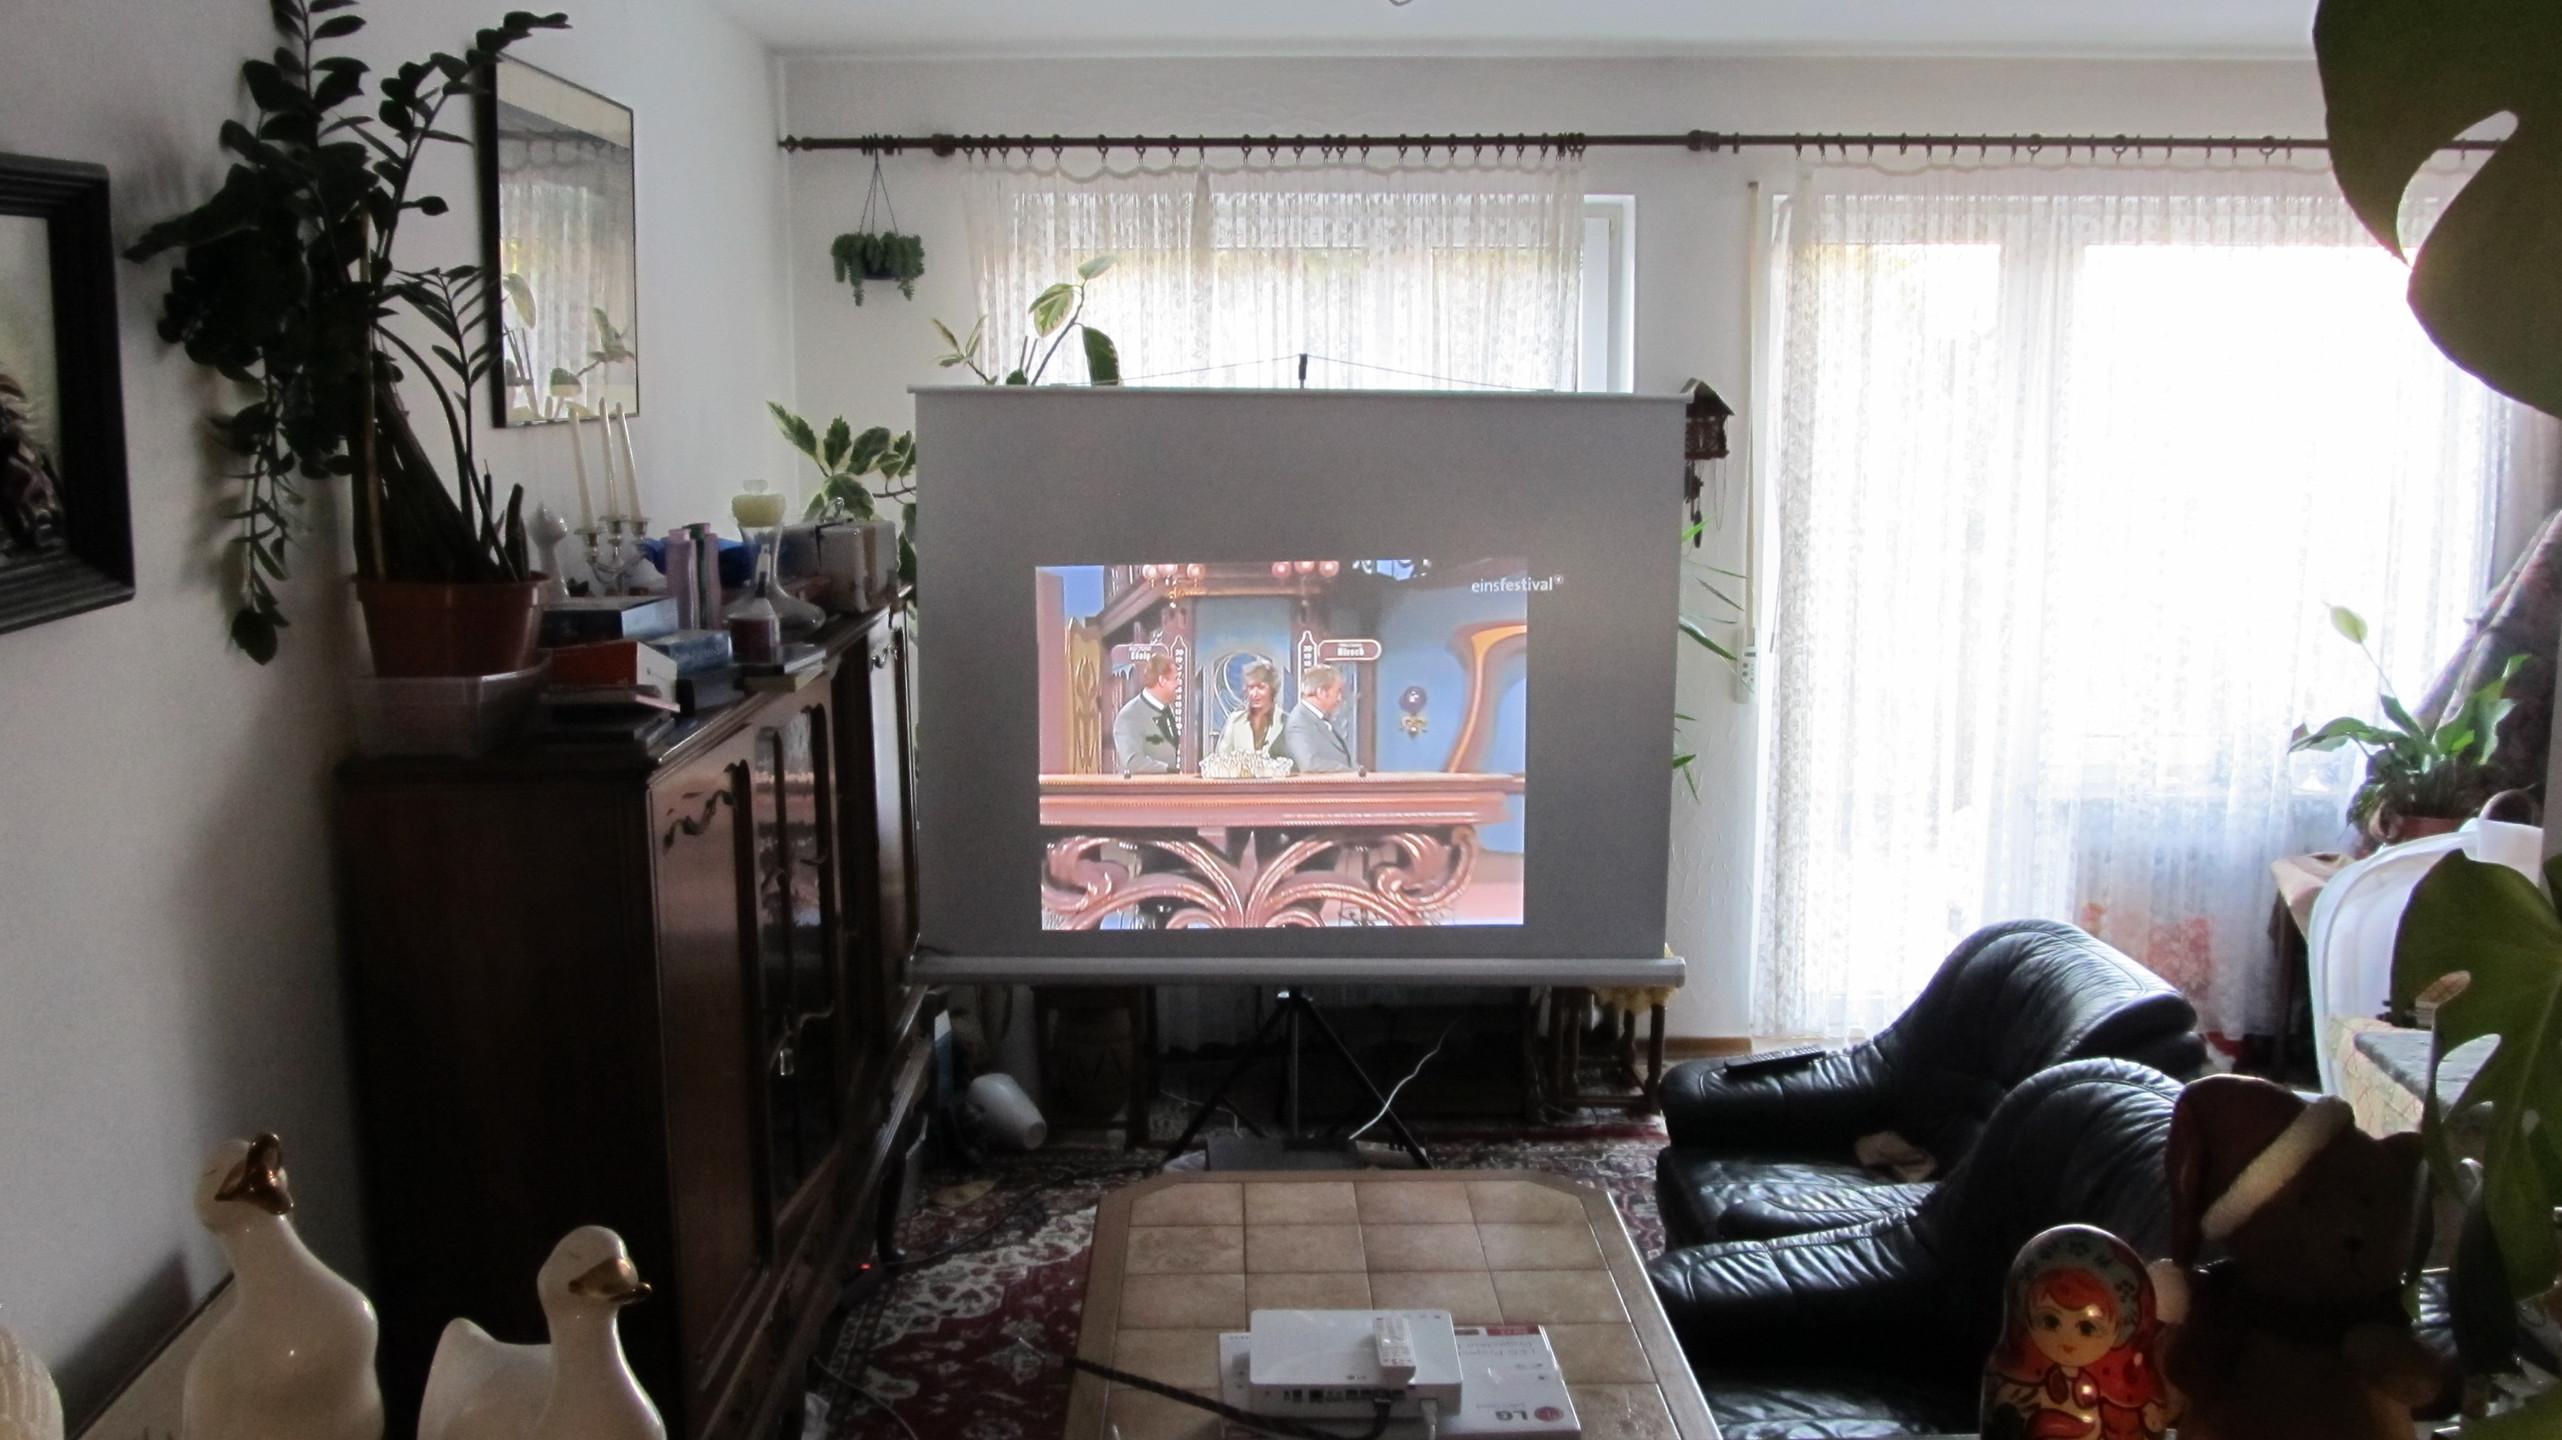 Beamer im Wohnzimmer Vorstellung vs. Realität